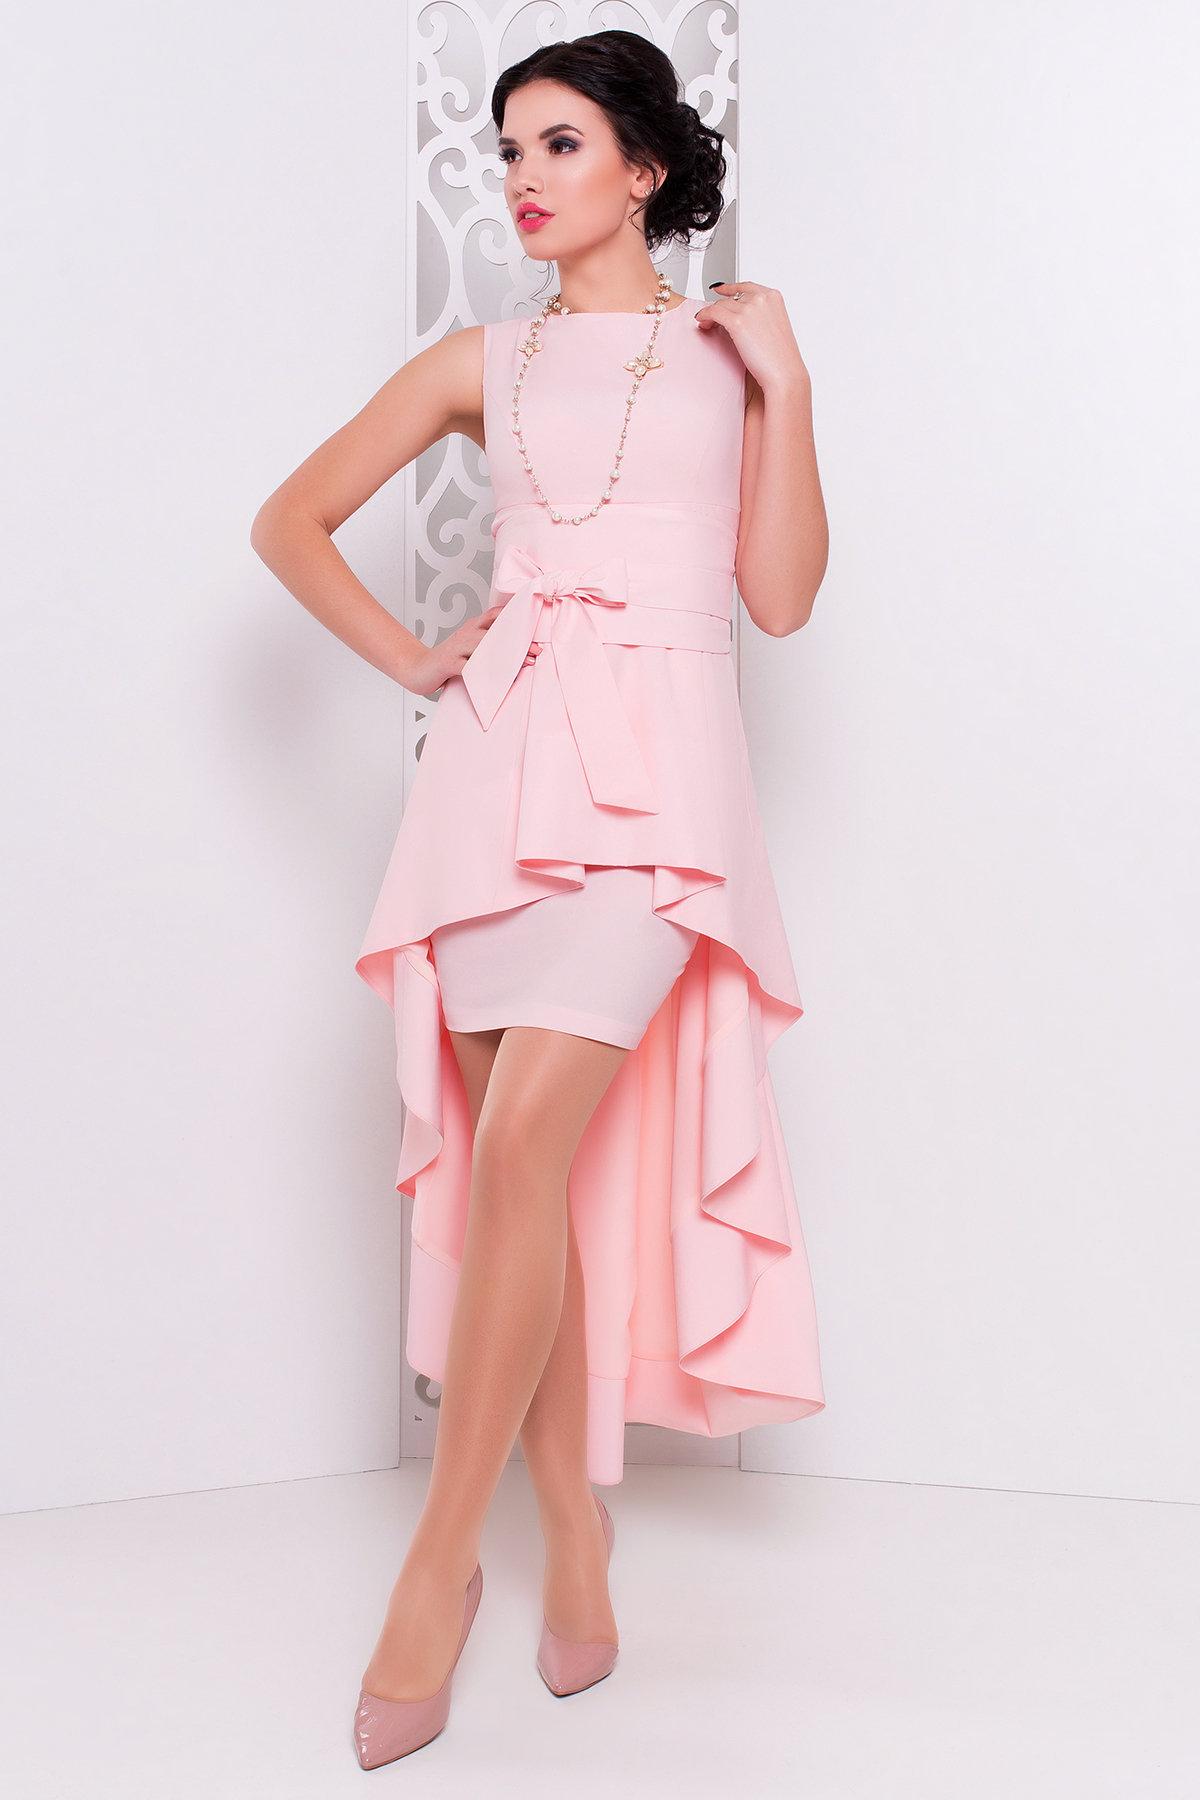 Купити Плаття Афродита 238 оптом в Україні  6b5cdfc362297